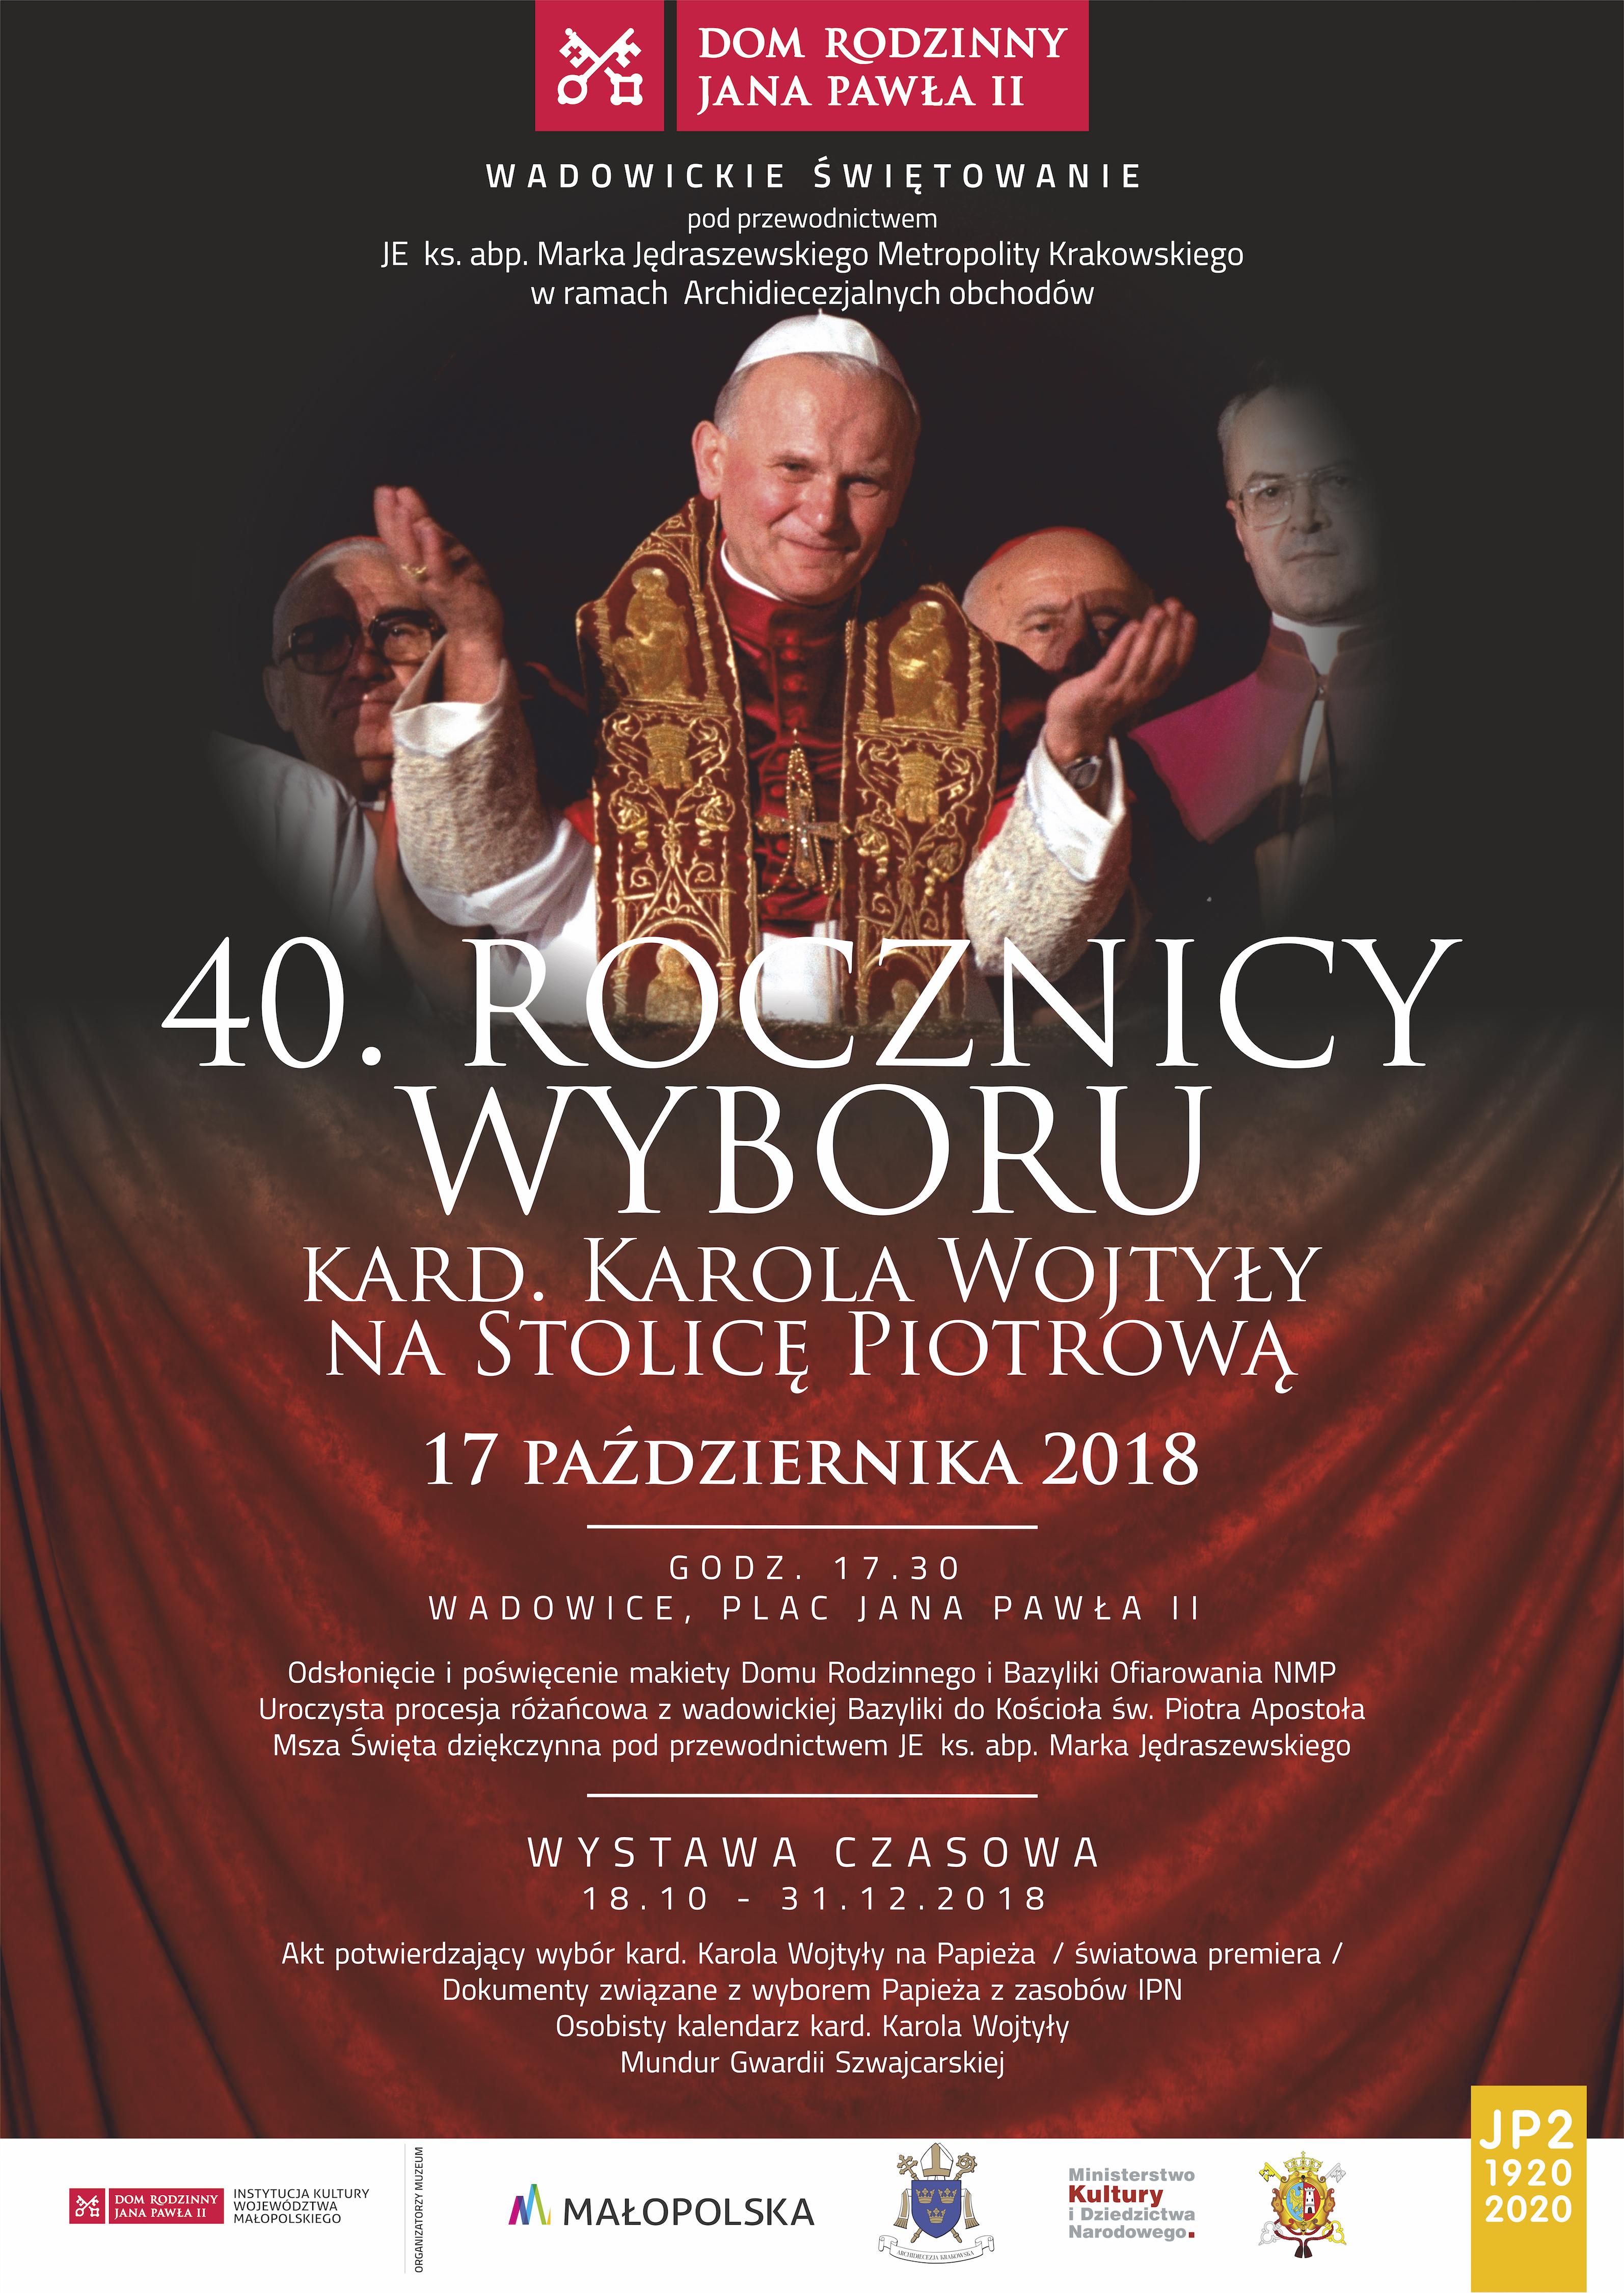 Obchody 40. rocznicy wyboru Jana Pawła II na papieża, w Jego domu rodzinnym w Wadowicach